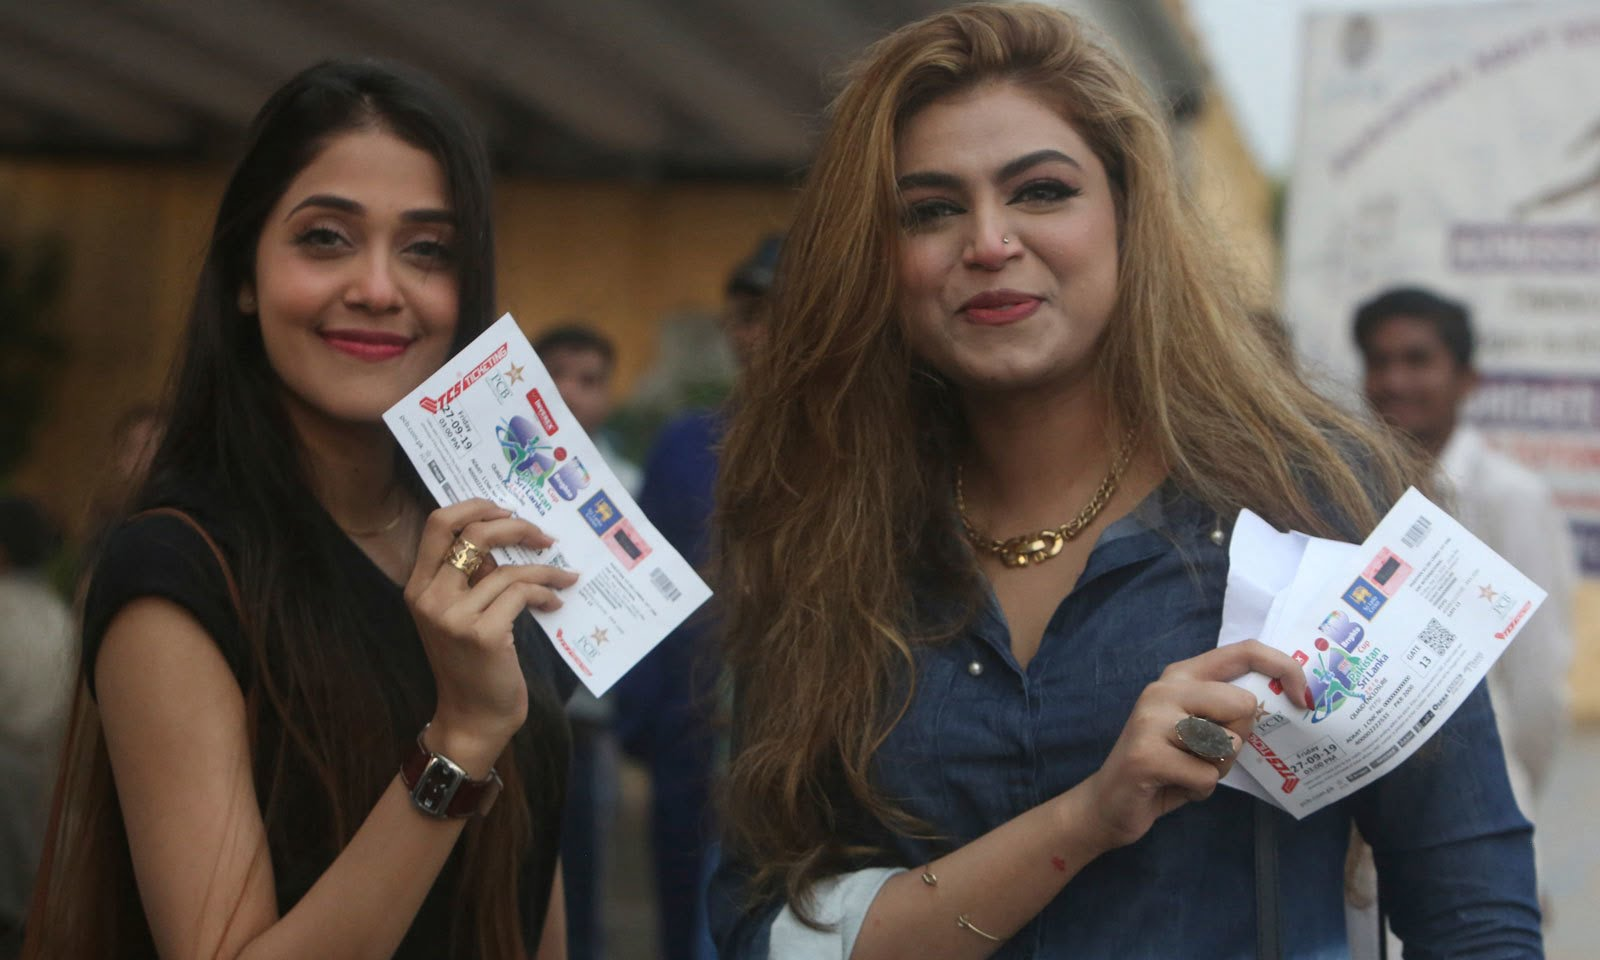 بارش کے سبب کراچی میں 10سال بعد ون ڈے کرکٹ کی واپسی